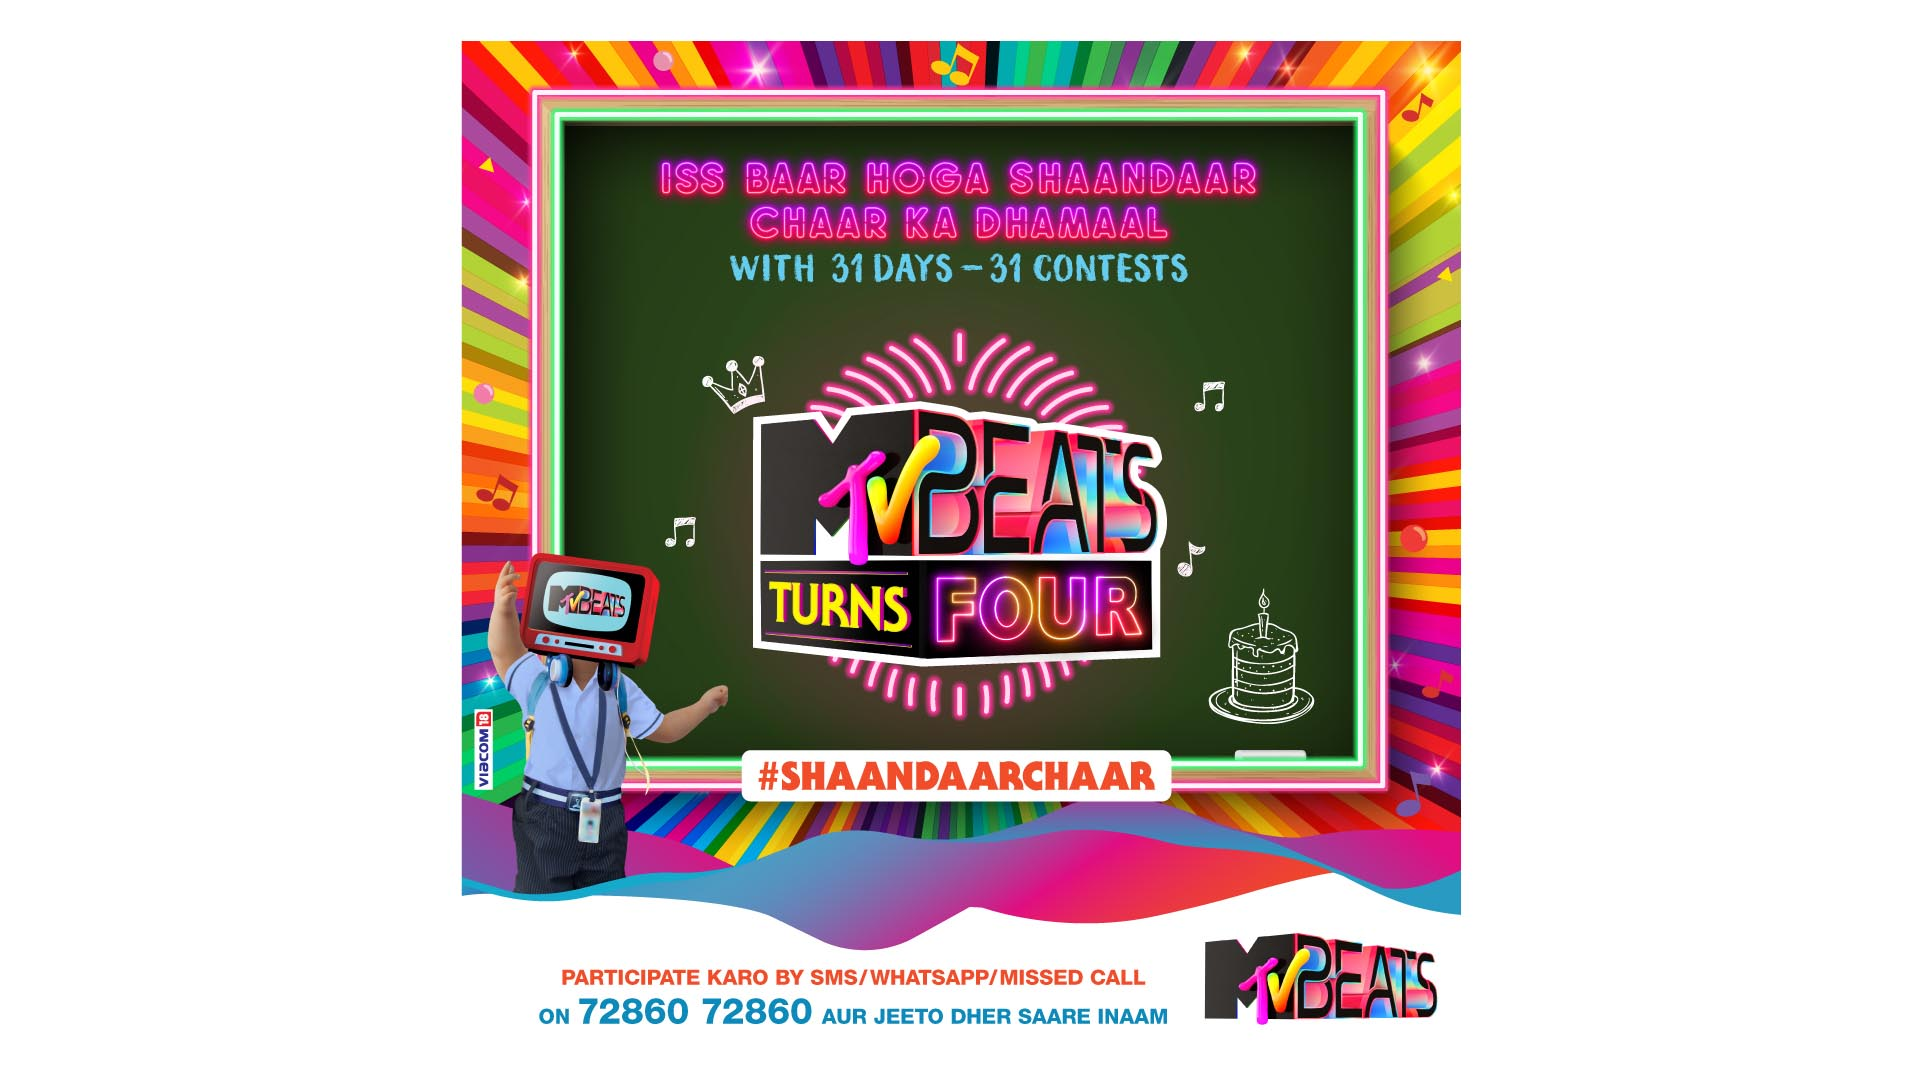 ShandaarChaar MTV Beats